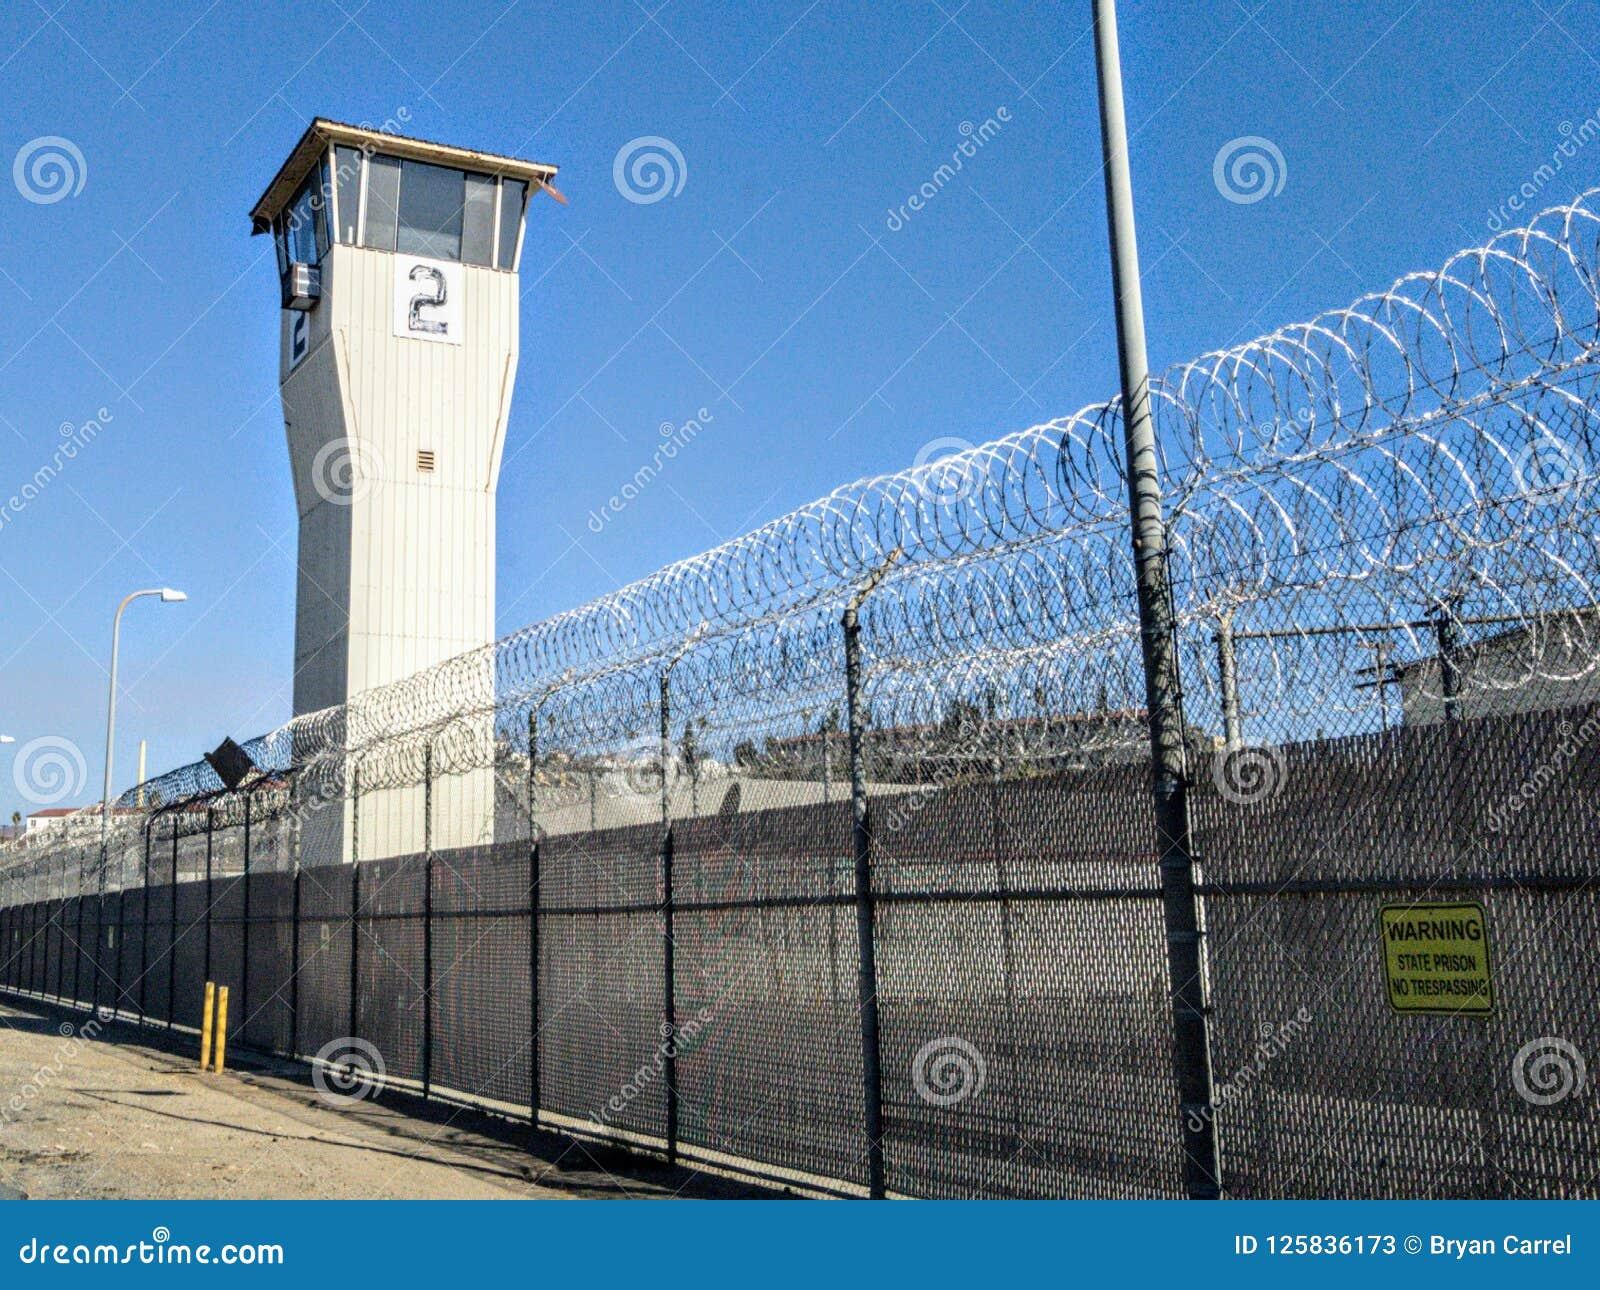 Crc state prison